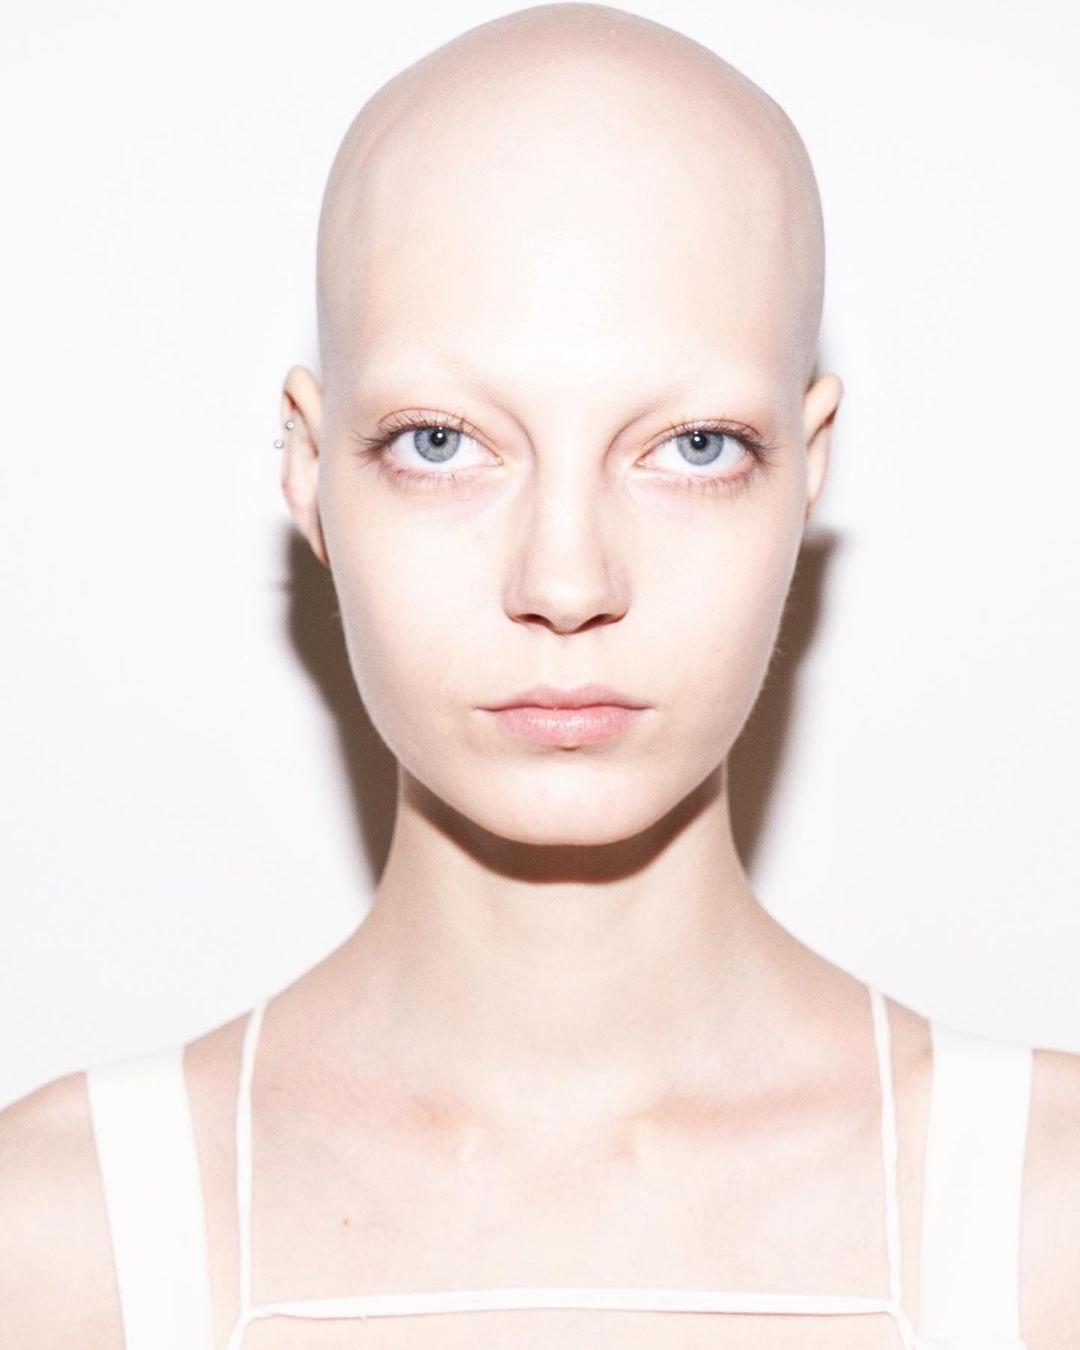 Яна Добролюбова- очень красивая модель с алопецией